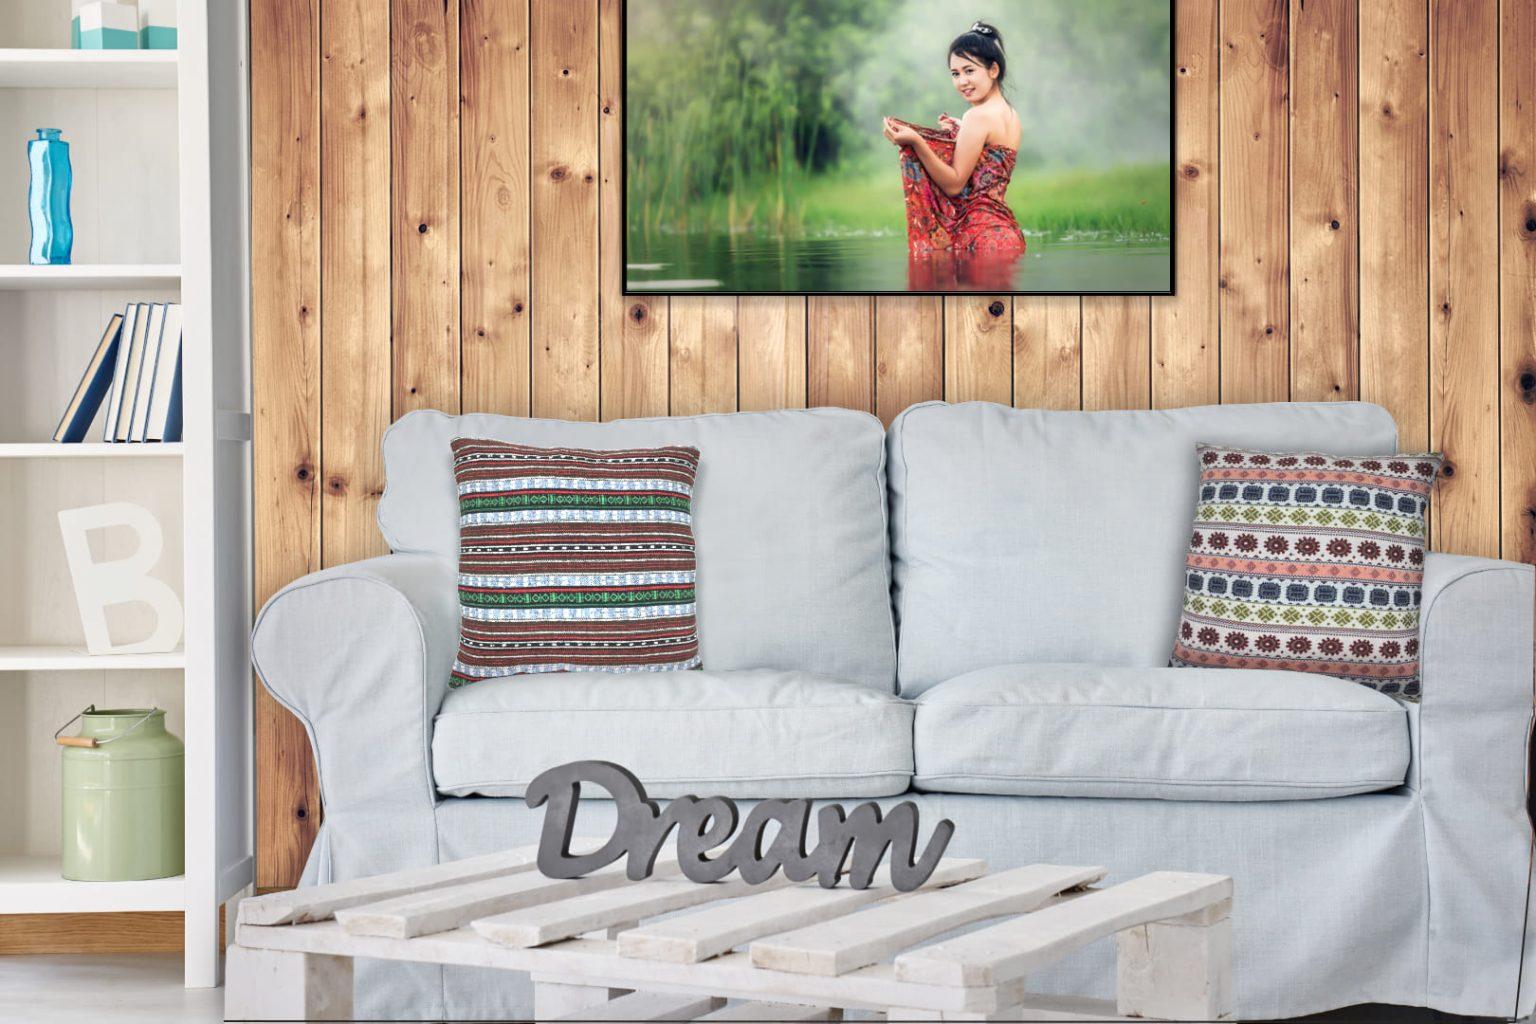 box décoration ethnique - housse de coussin - moncaramelle.jpg